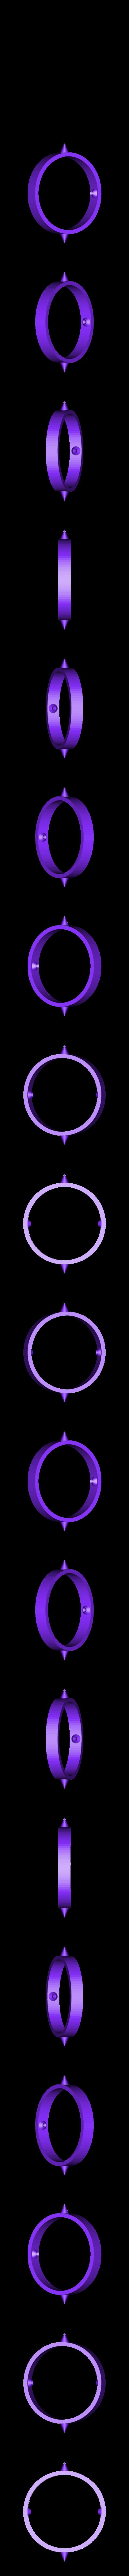 gyroscope-gimbal1.stl Télécharger fichier STL gratuit Gyroscope jouet • Modèle imprimable en 3D, AliSouskian